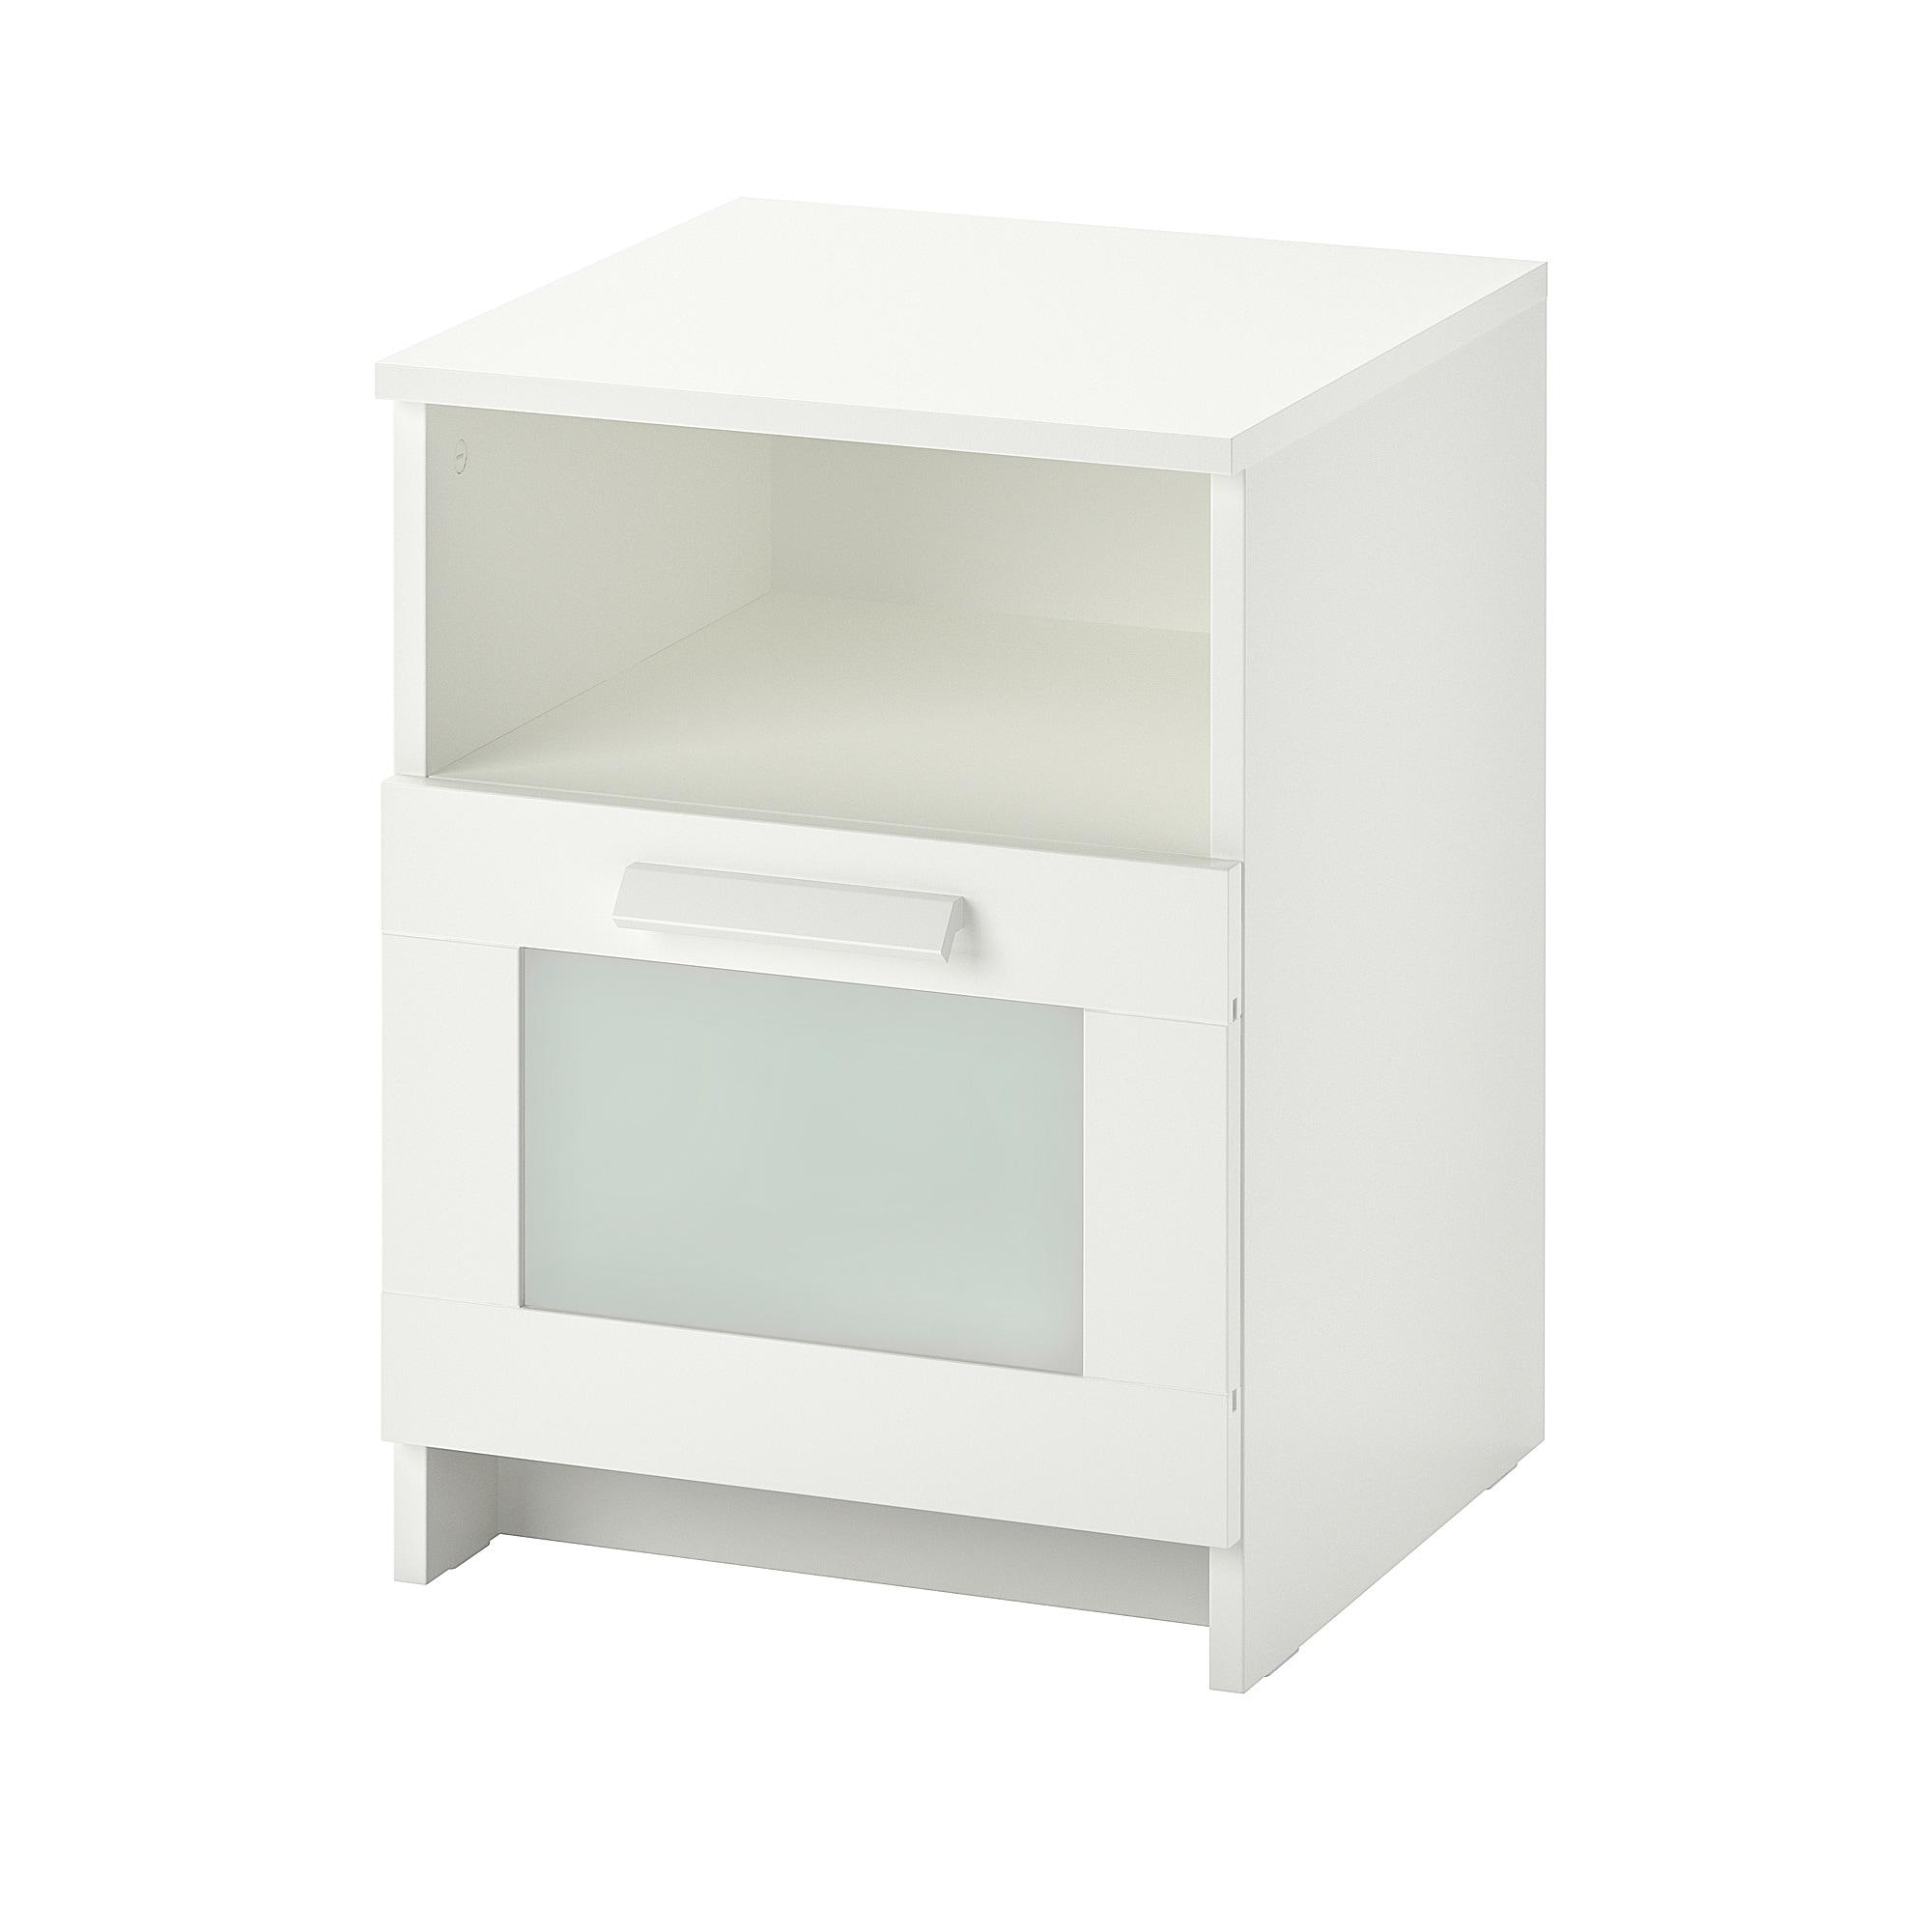 Brimnes Chevet Blanc 15 3 8x16 1 8 39x41 Cm Table De Chevet Ikea Chevet Blanc Table De Chevet Blanche